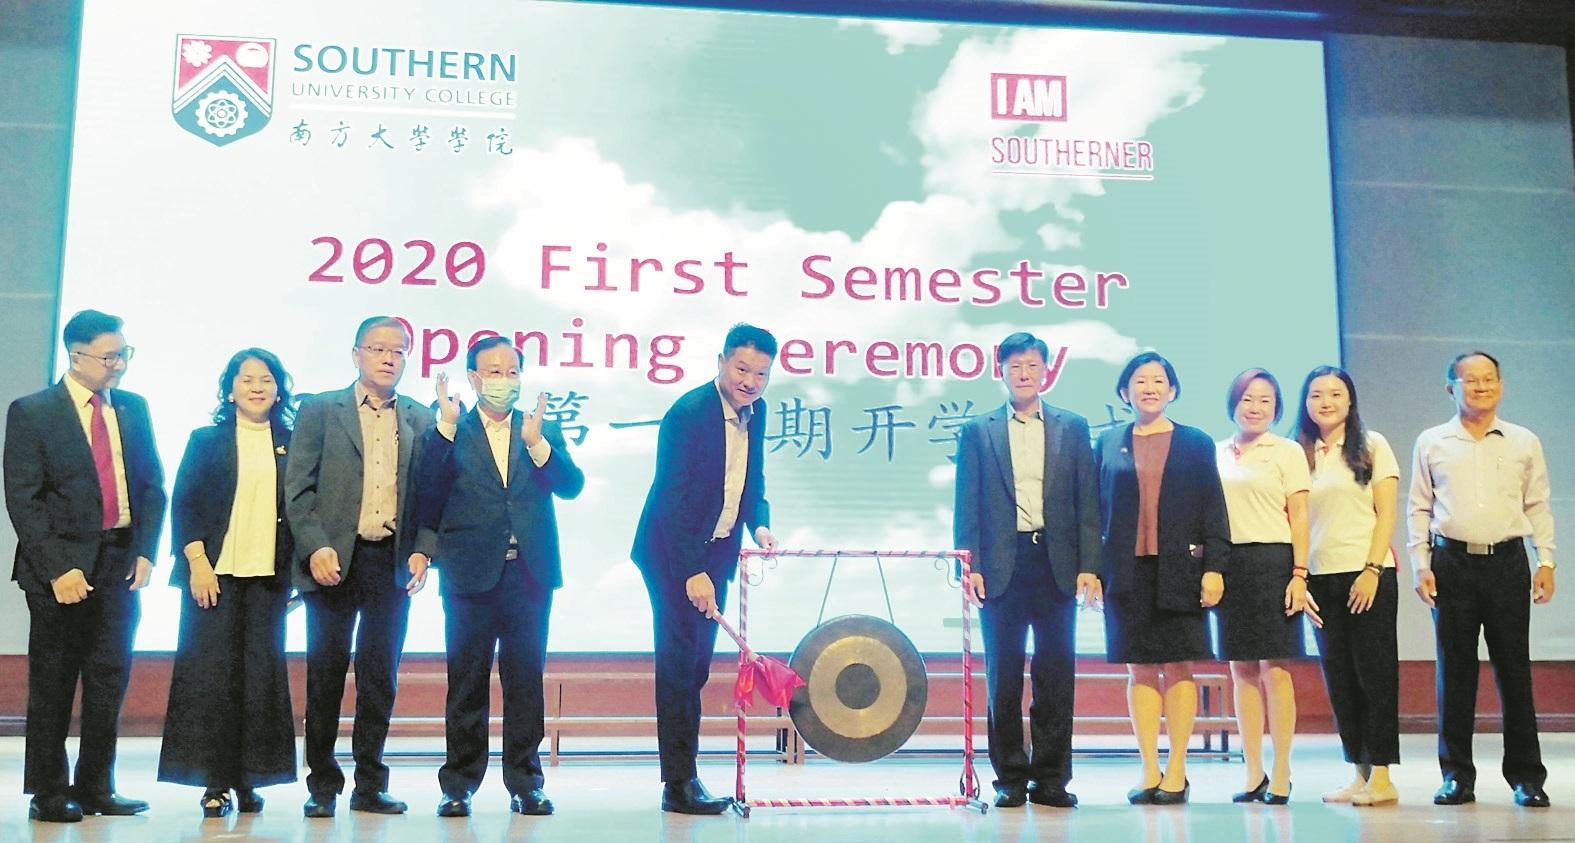 南方大学中国学生 推迟至5月开学